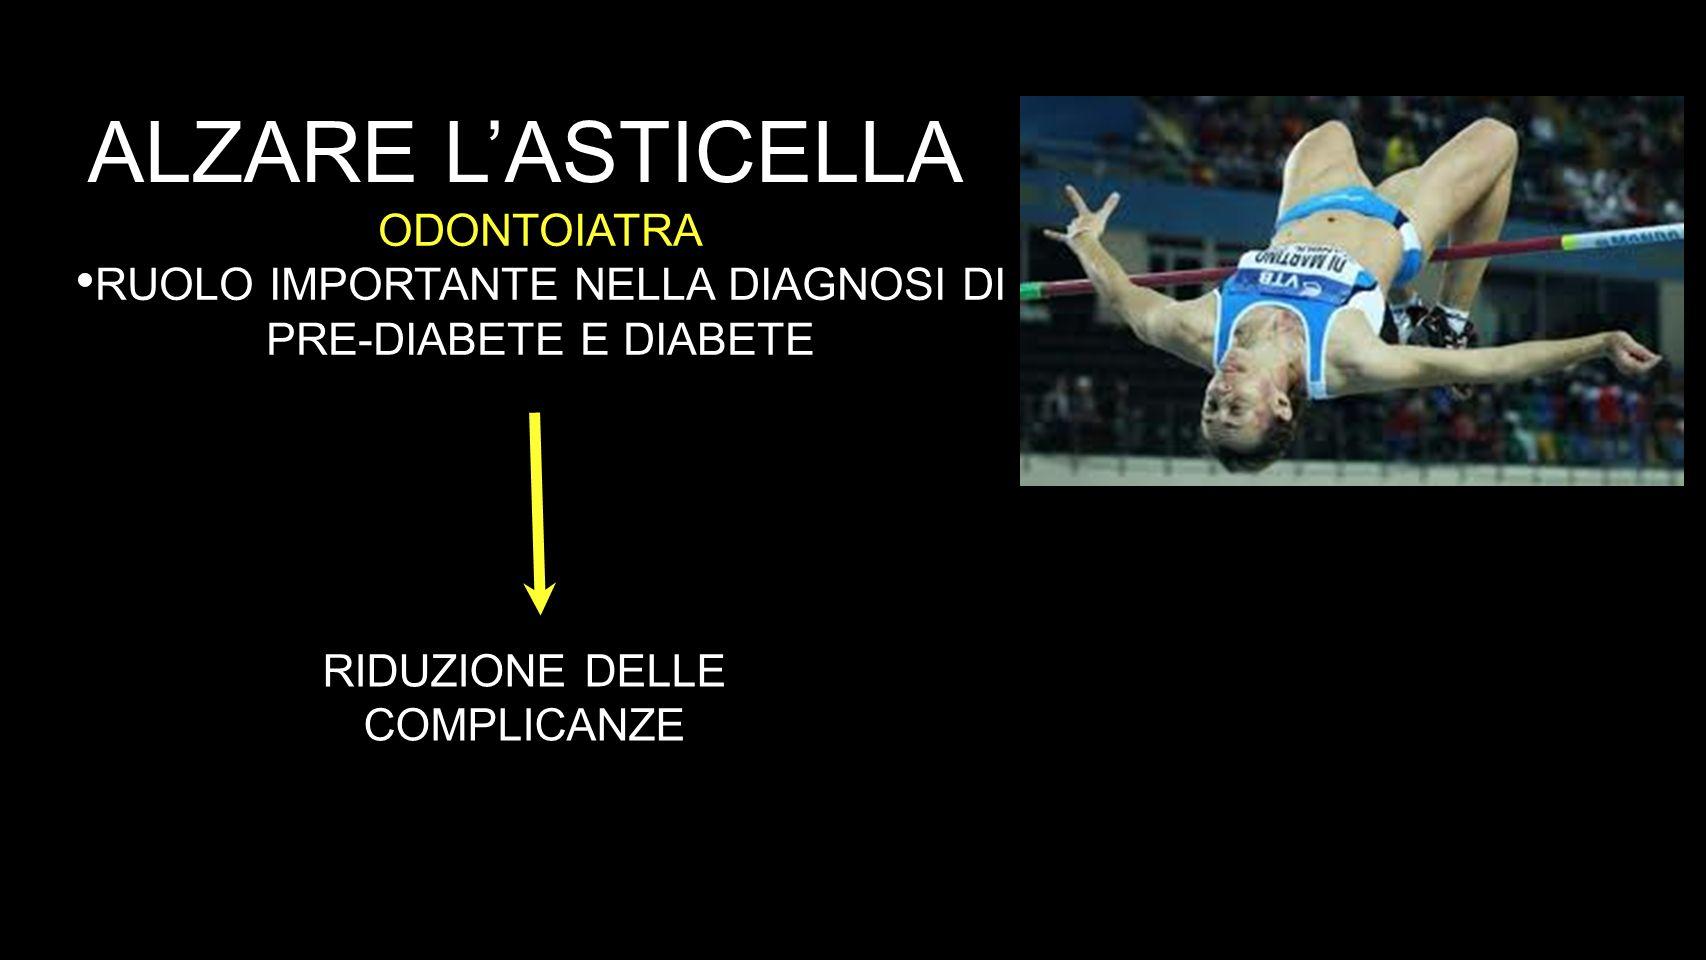 ALZARE LASTICELLA ODONTOIATRA RUOLO IMPORTANTE NELLA DIAGNOSI DI PRE-DIABETE E DIABETE RIDUZIONE DELLE COMPLICANZE